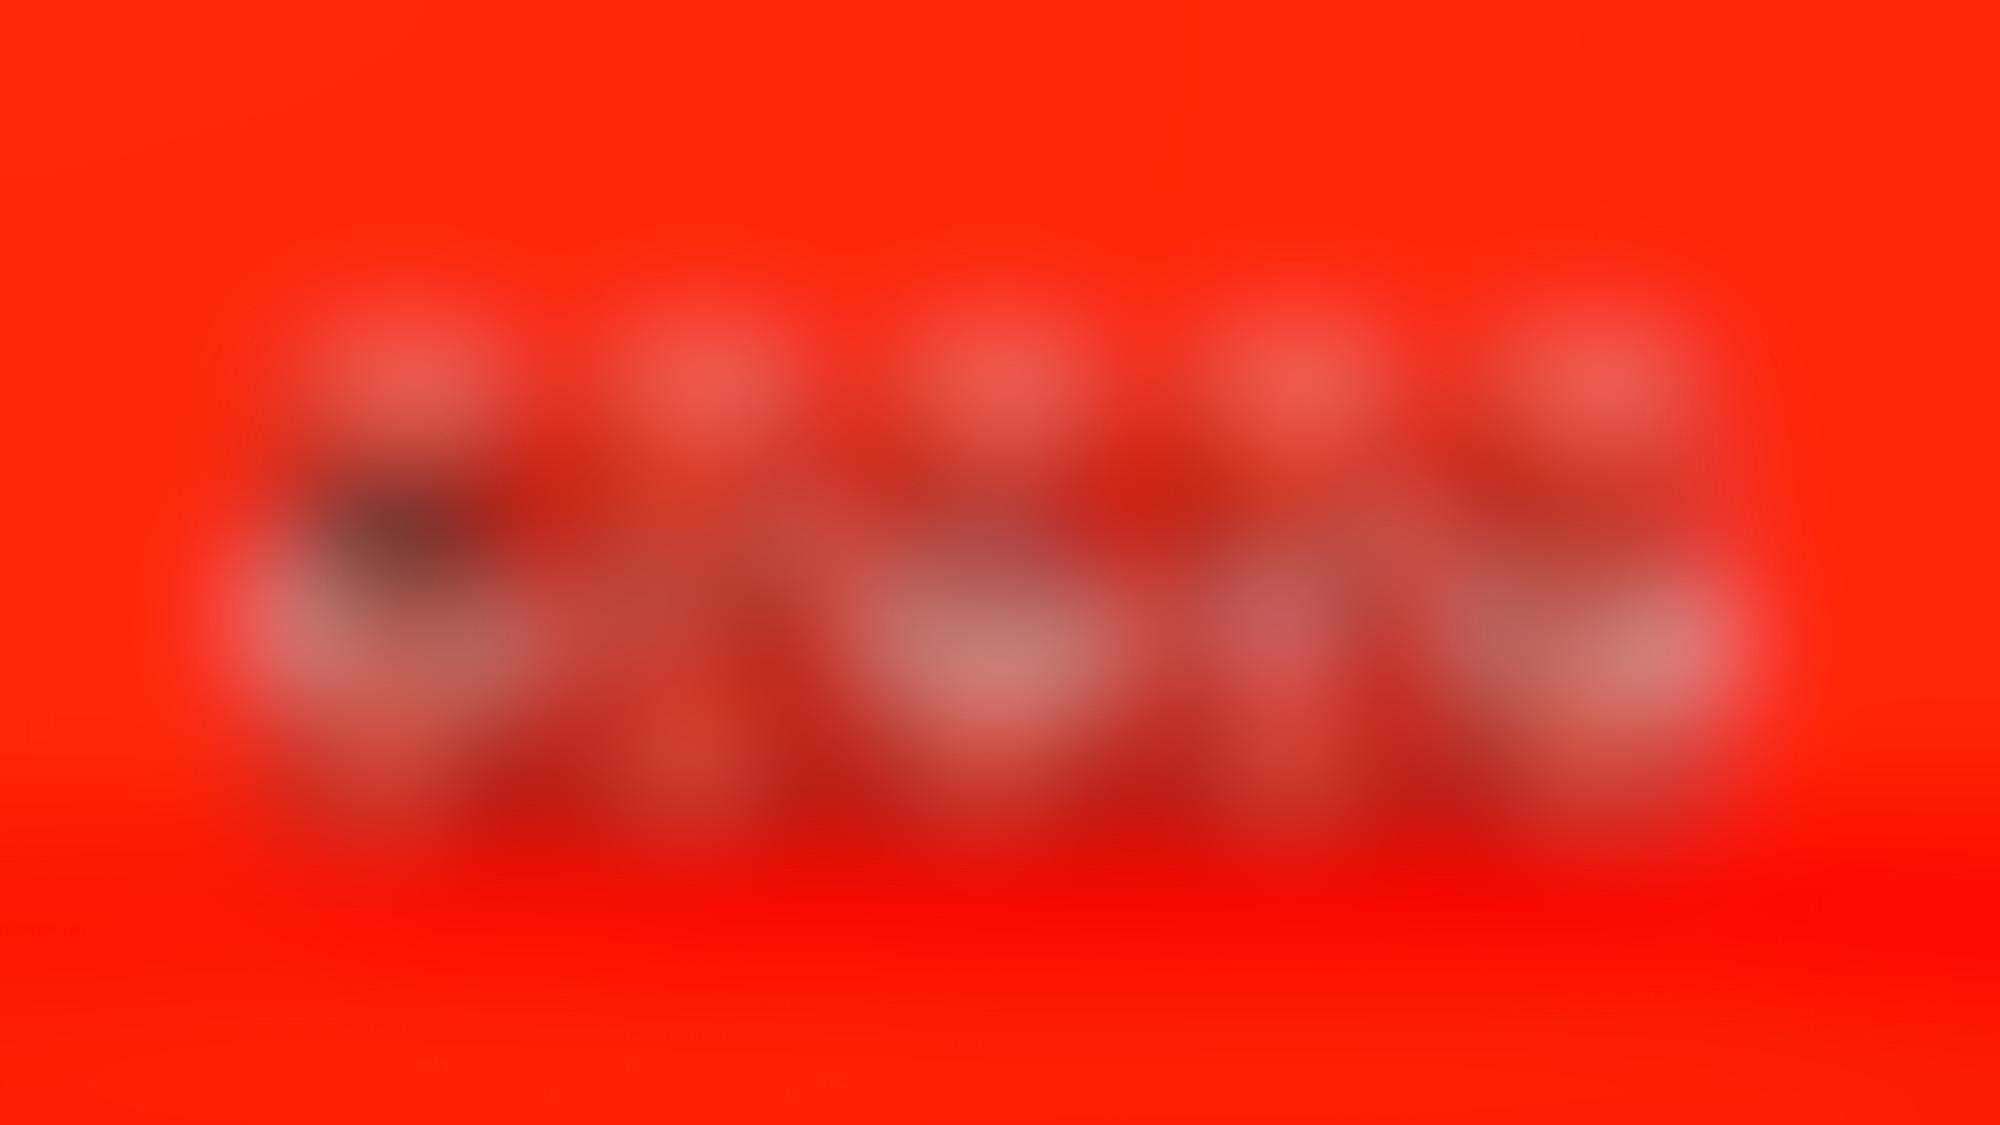 KOTO emoji 00009 autocompressfitresizeixlibphp 1 1 0max h2000max w3 D2000q80sf4ec9576b03b38f267a1e327fc8aa24b